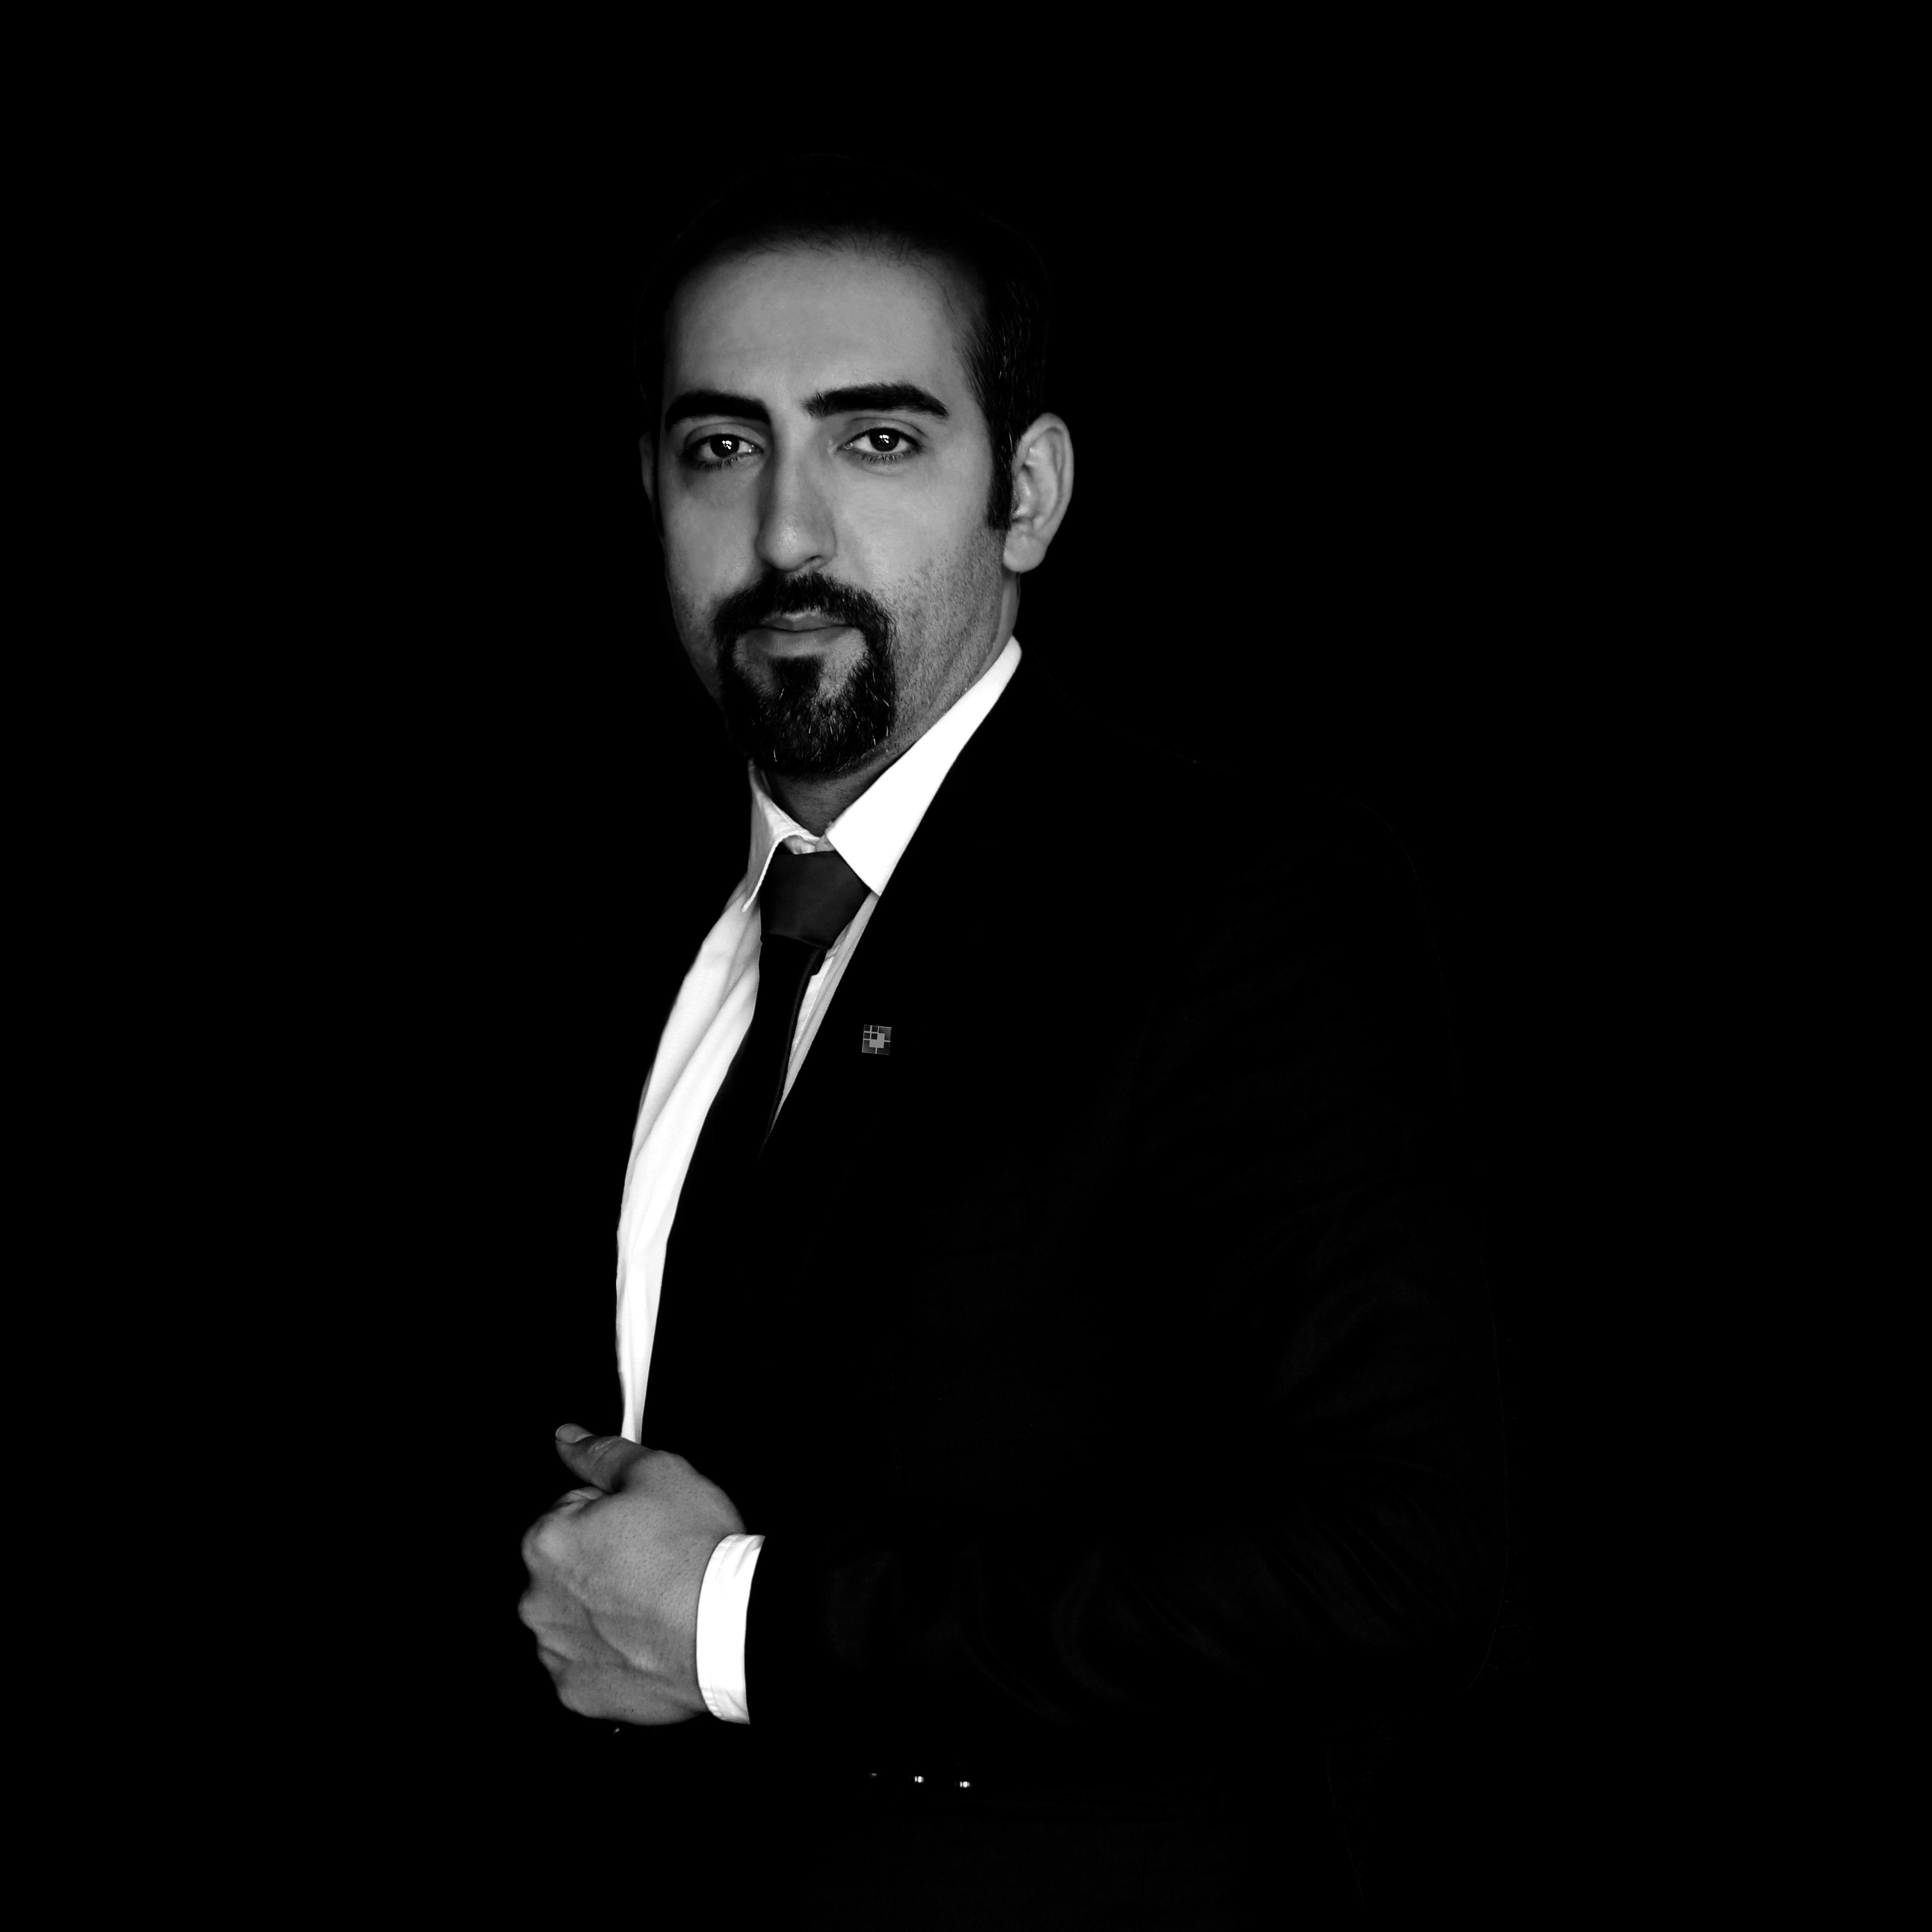 محمد رضا بابایی